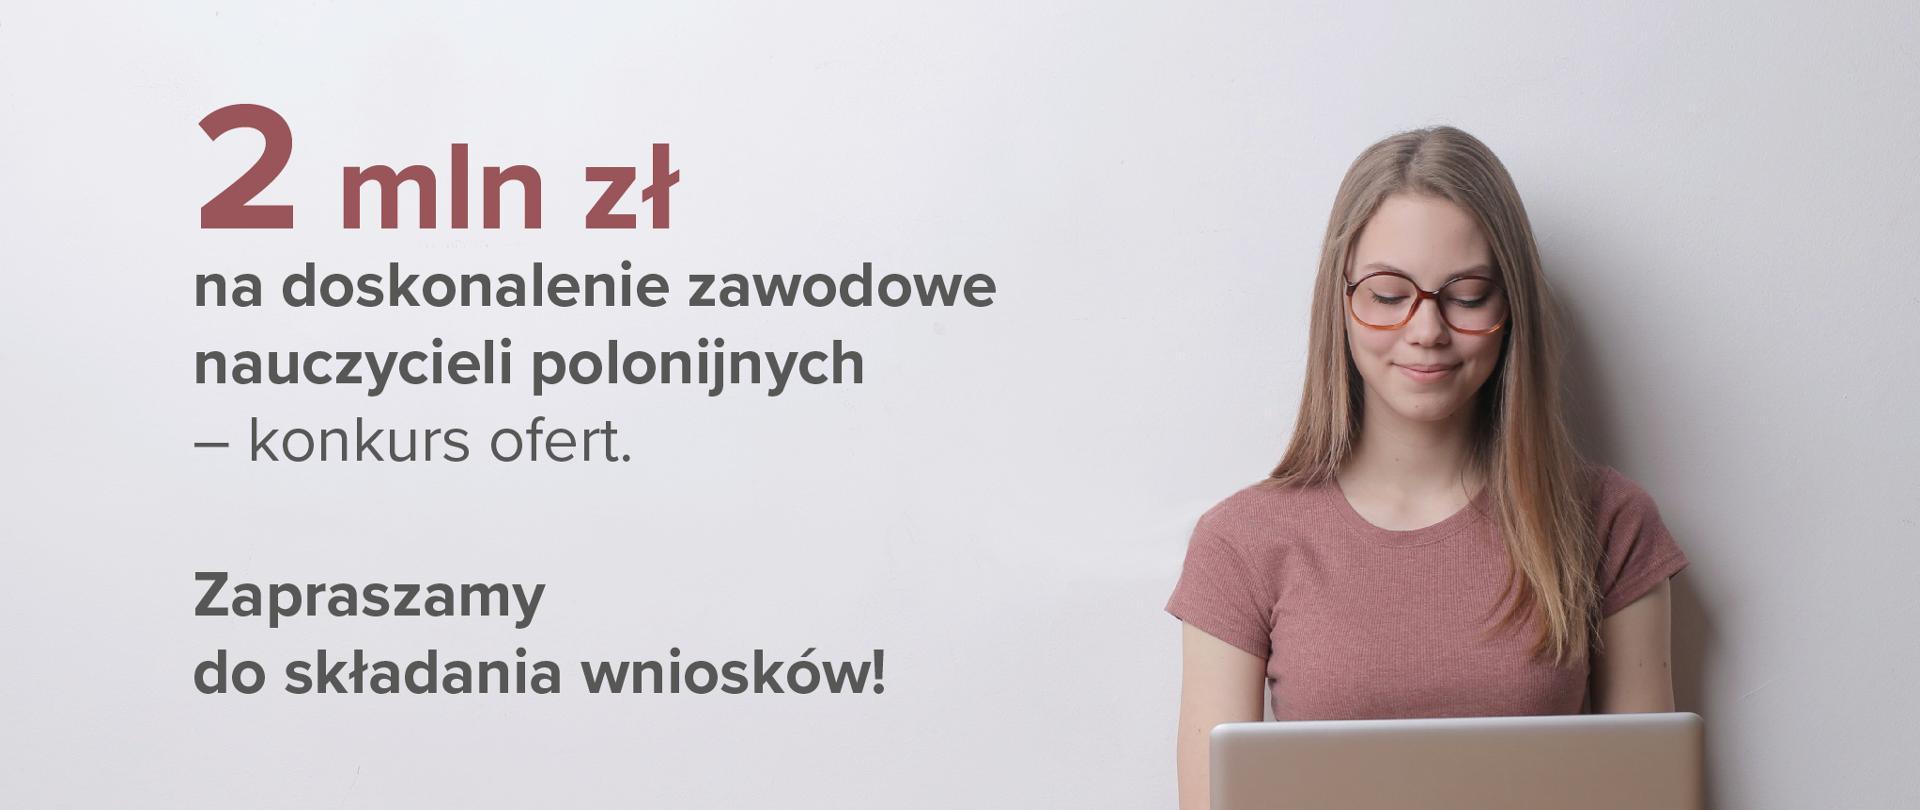 """Kobieta w okularach z laptopem po prawo. Po lewo tekst na jasnoszarym tle: """"2 mln zł na doskonalenie zawodowe nauczycieli polonijnych – konkurs ofert. Zapraszamy do składania wniosków!"""""""